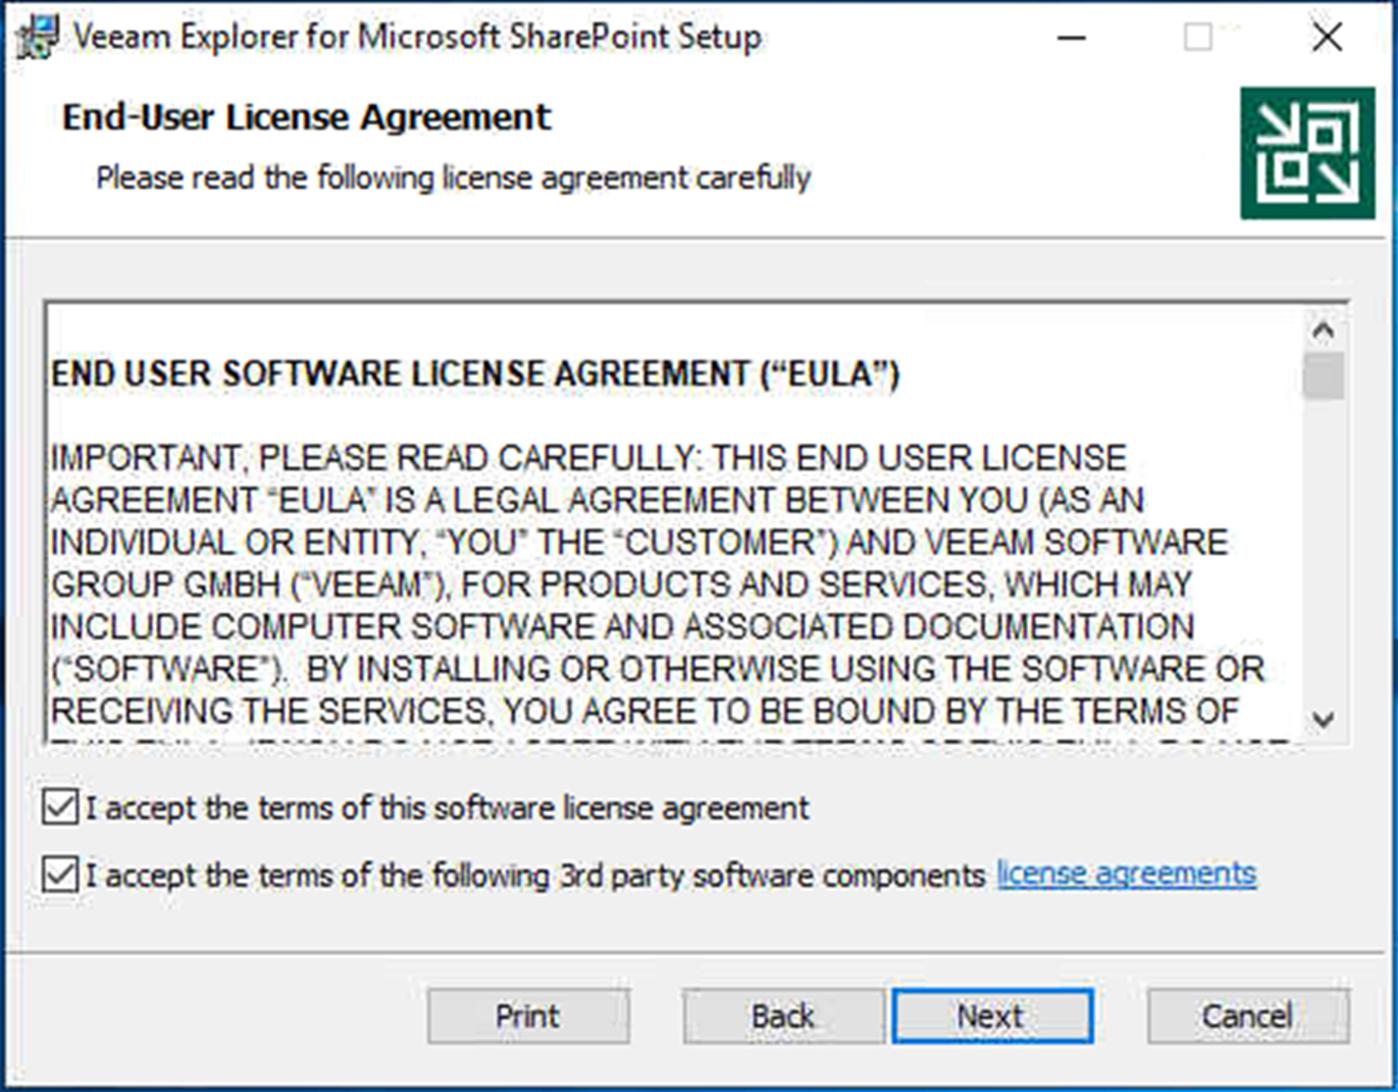 041019 0233 HowtoInstal17 - How to Install Veeam Backup for Microsoft Office 365 V3 #Veeam #MVPHOUR #Office365